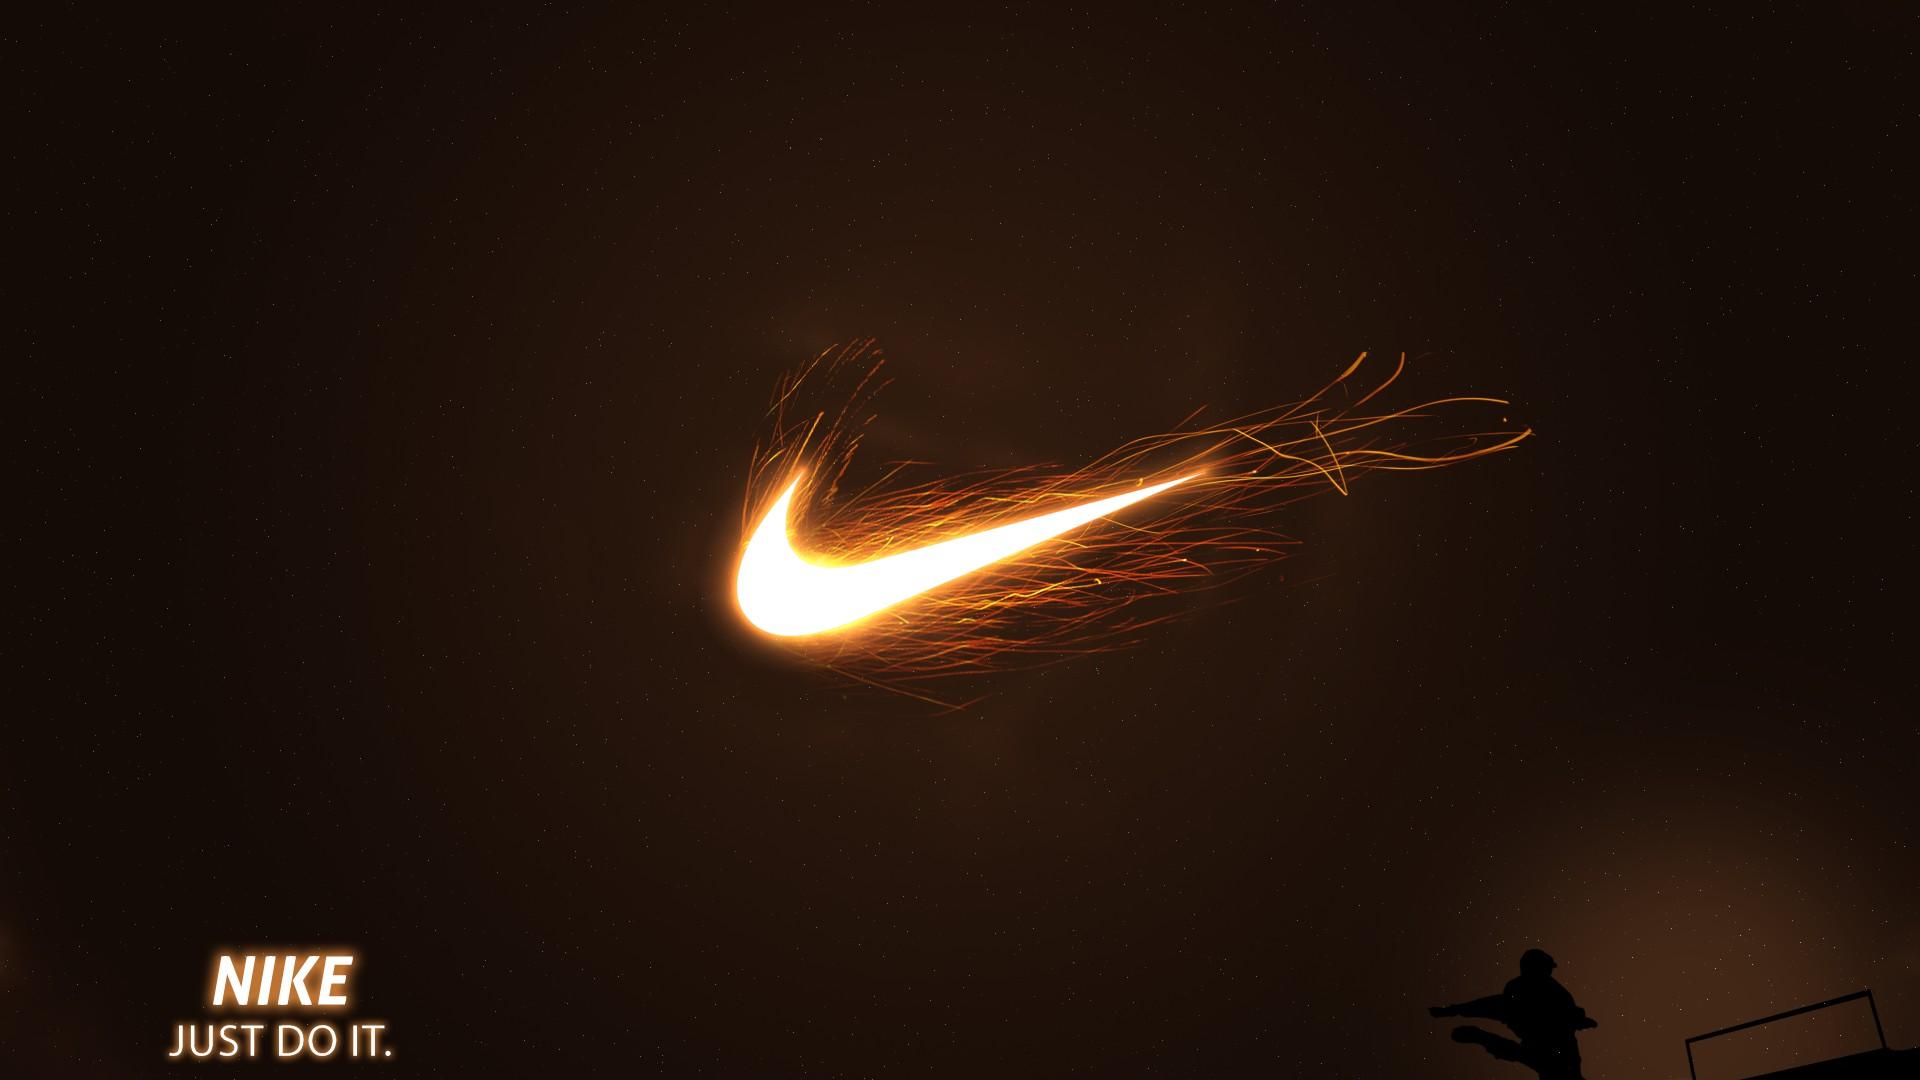 Nike Just Do It Fire Football 1920x1080 HD Sport 1920x1080